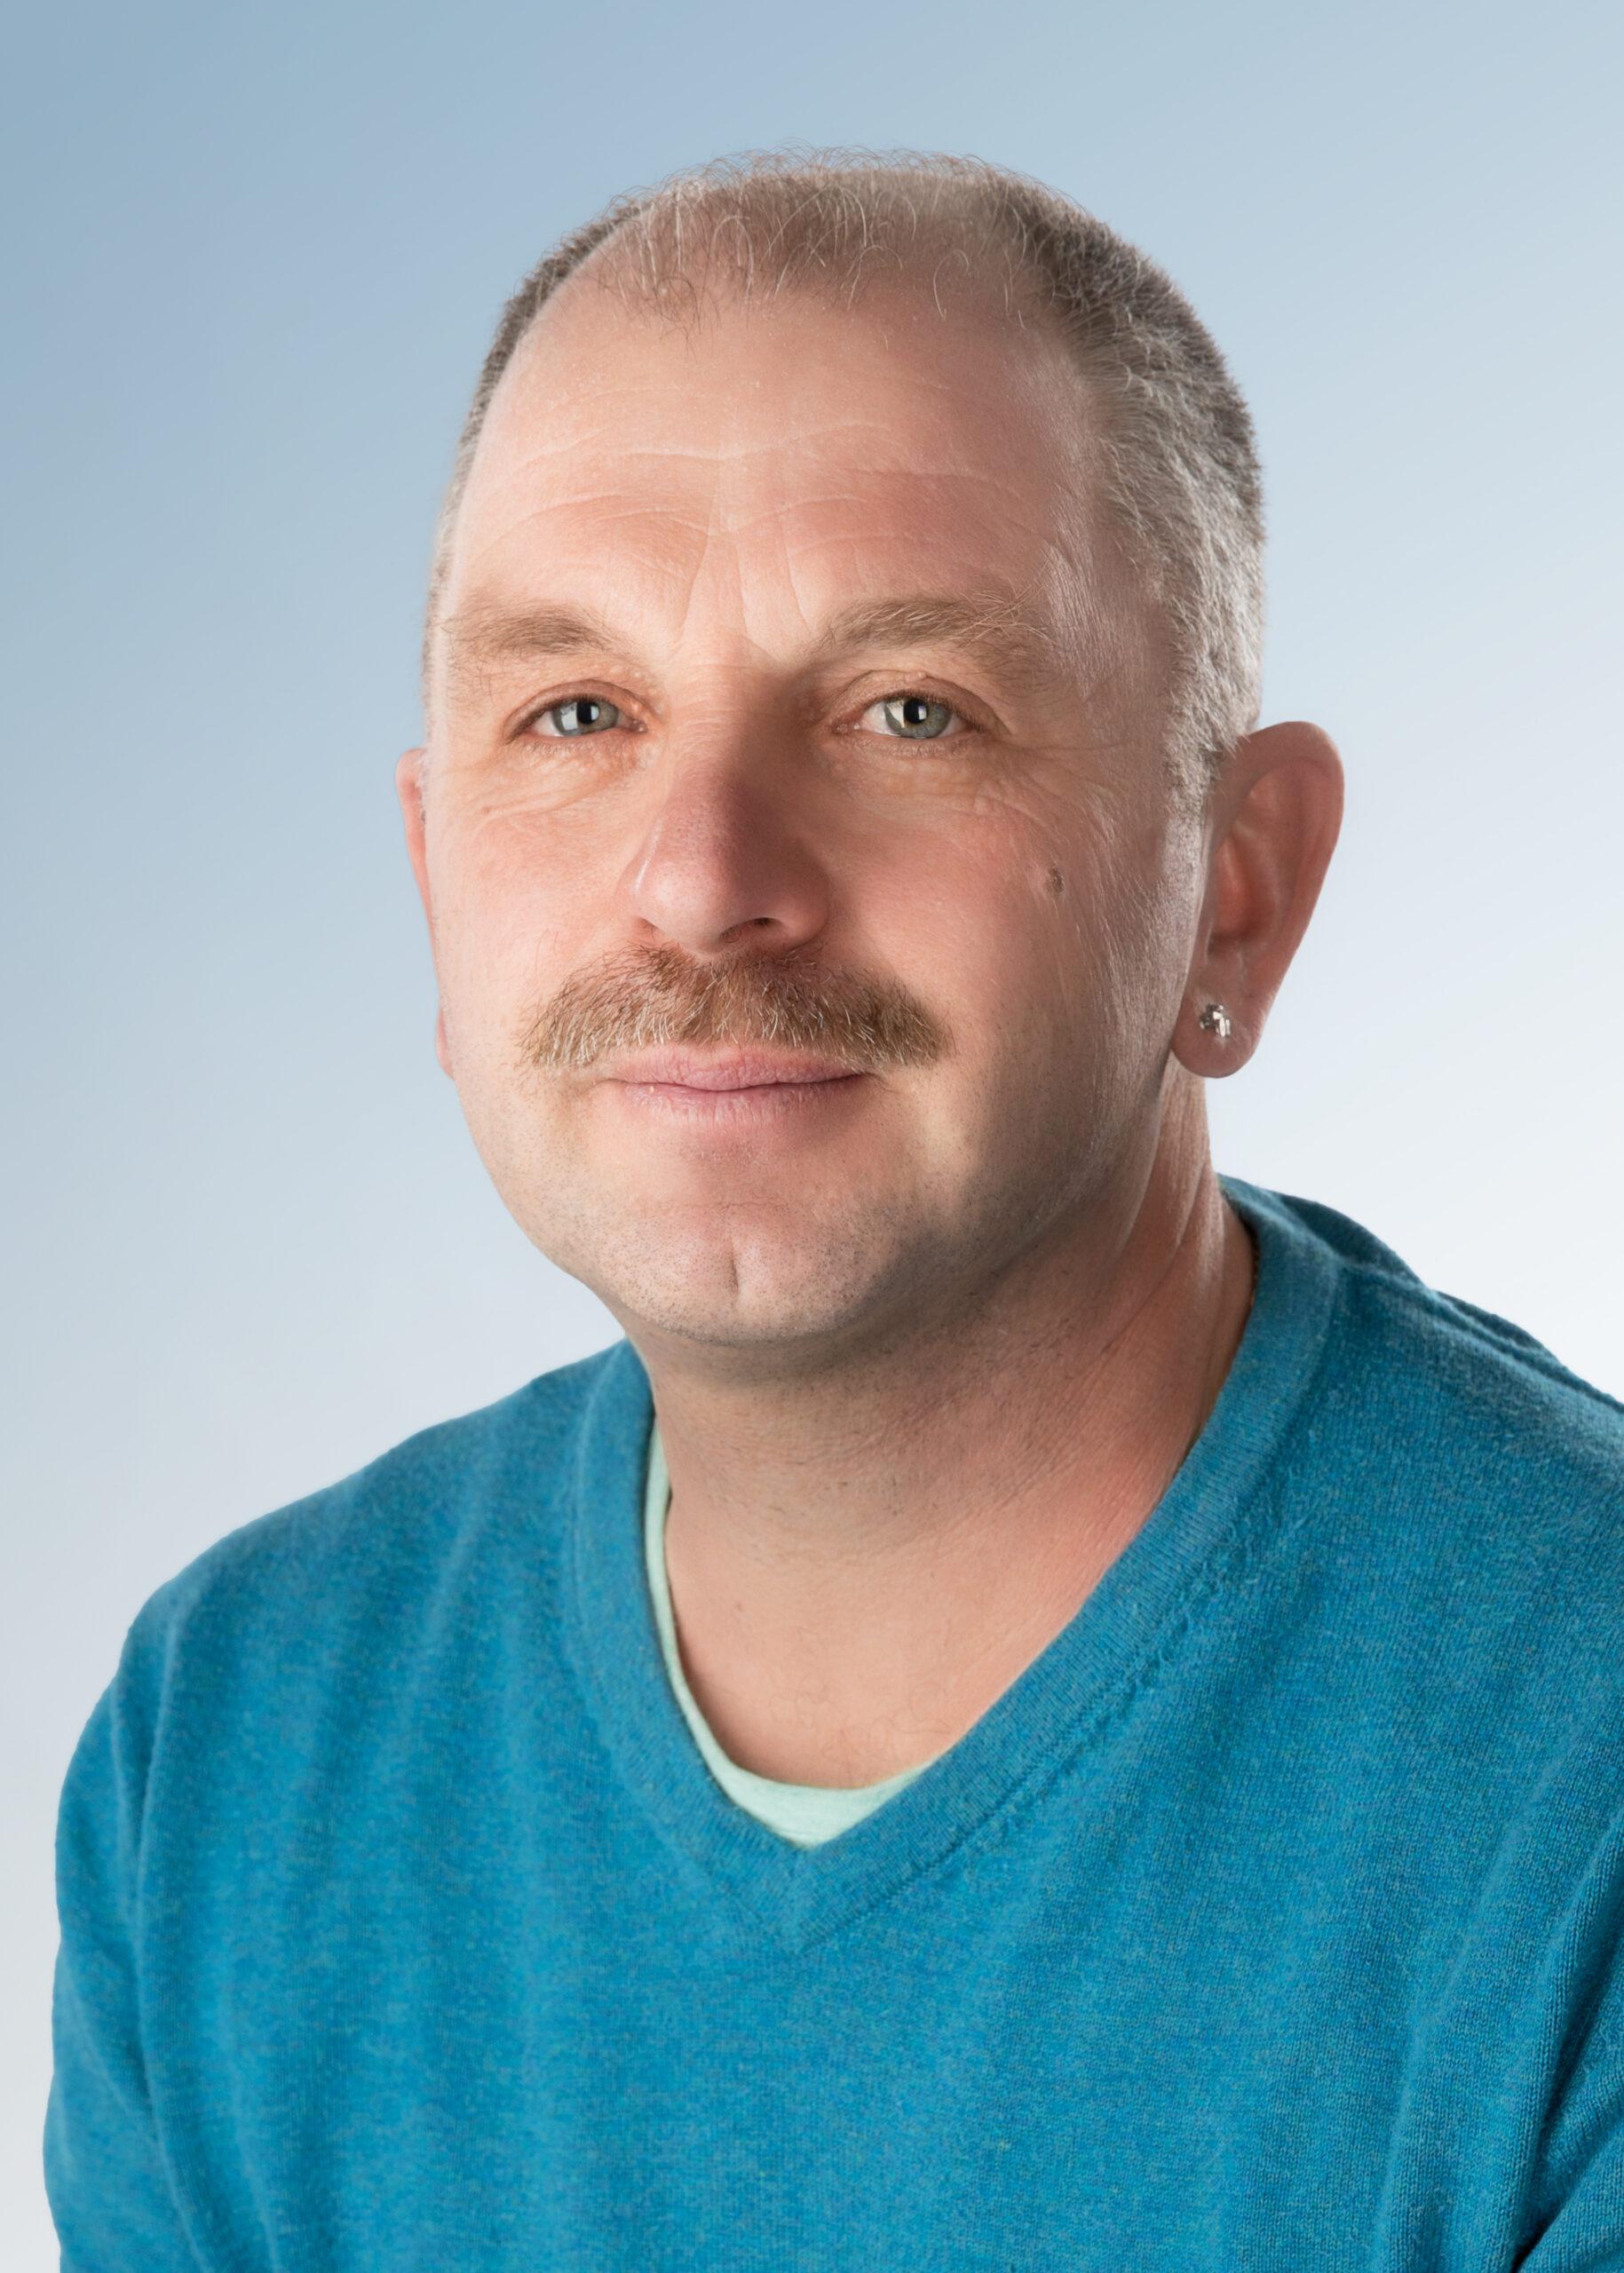 Martin Mahr, Gemeinderat im Markt Geiselwind